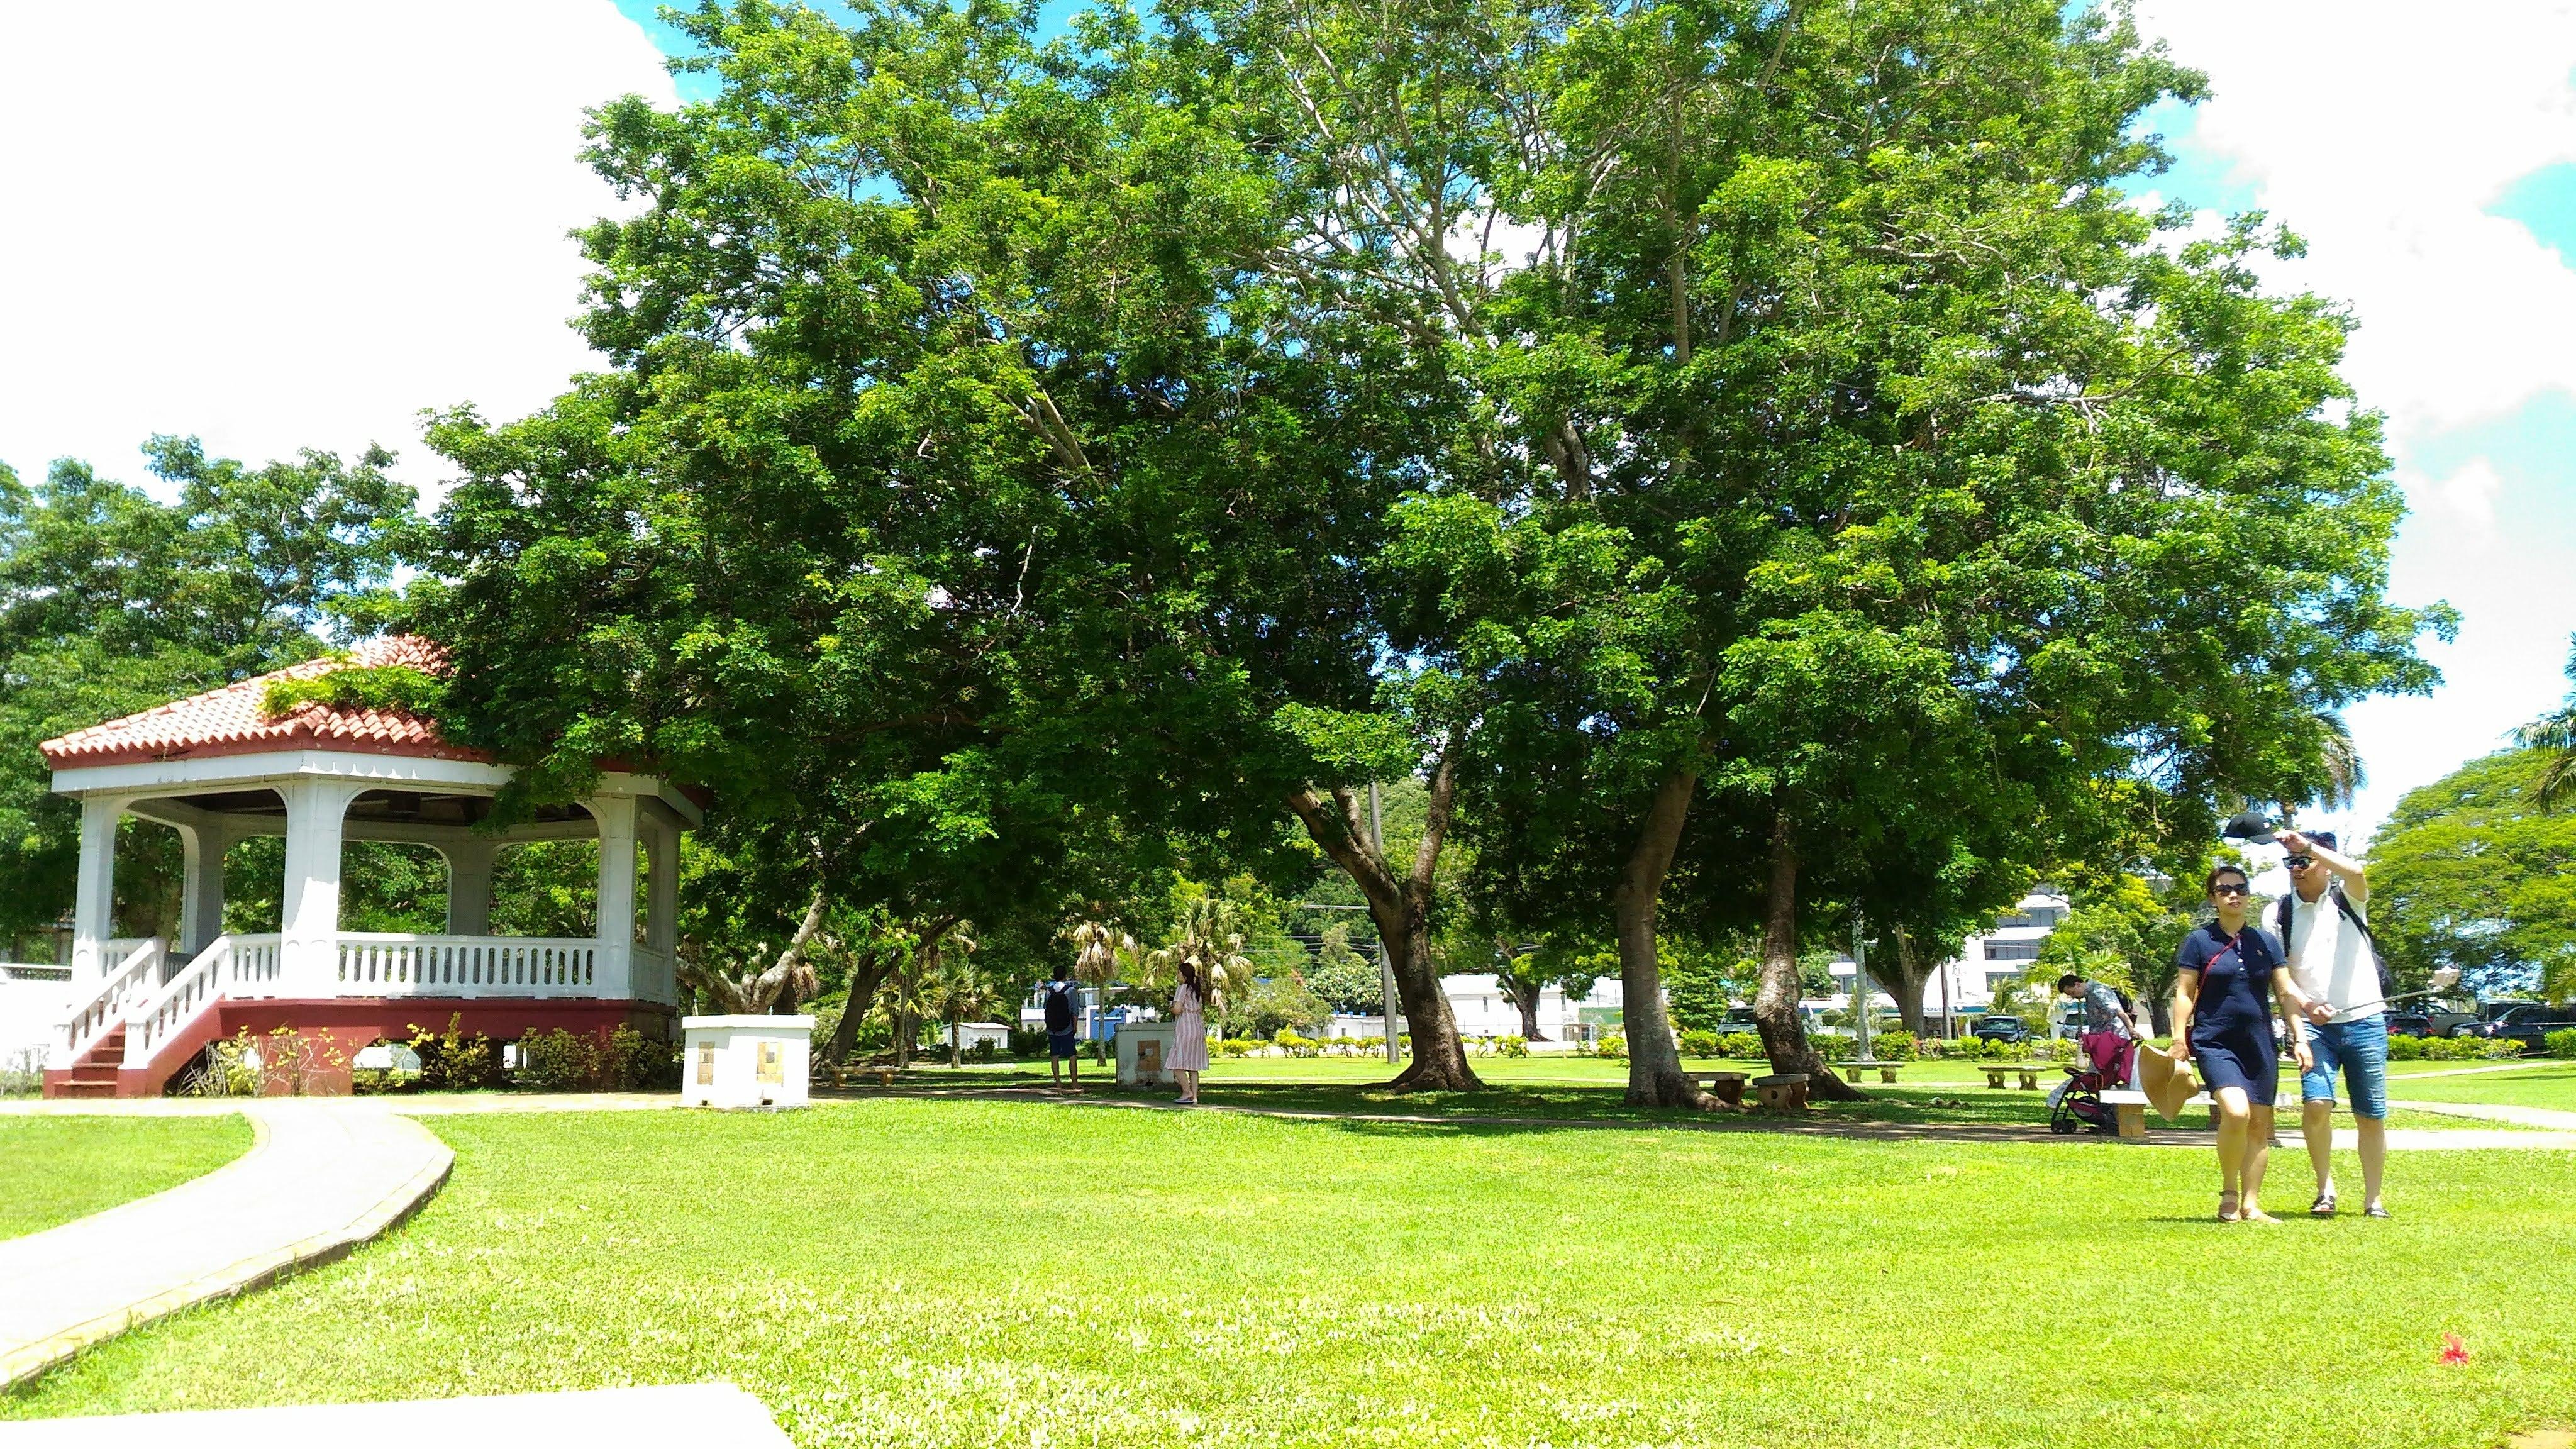 大きな木と芝生の写真です。